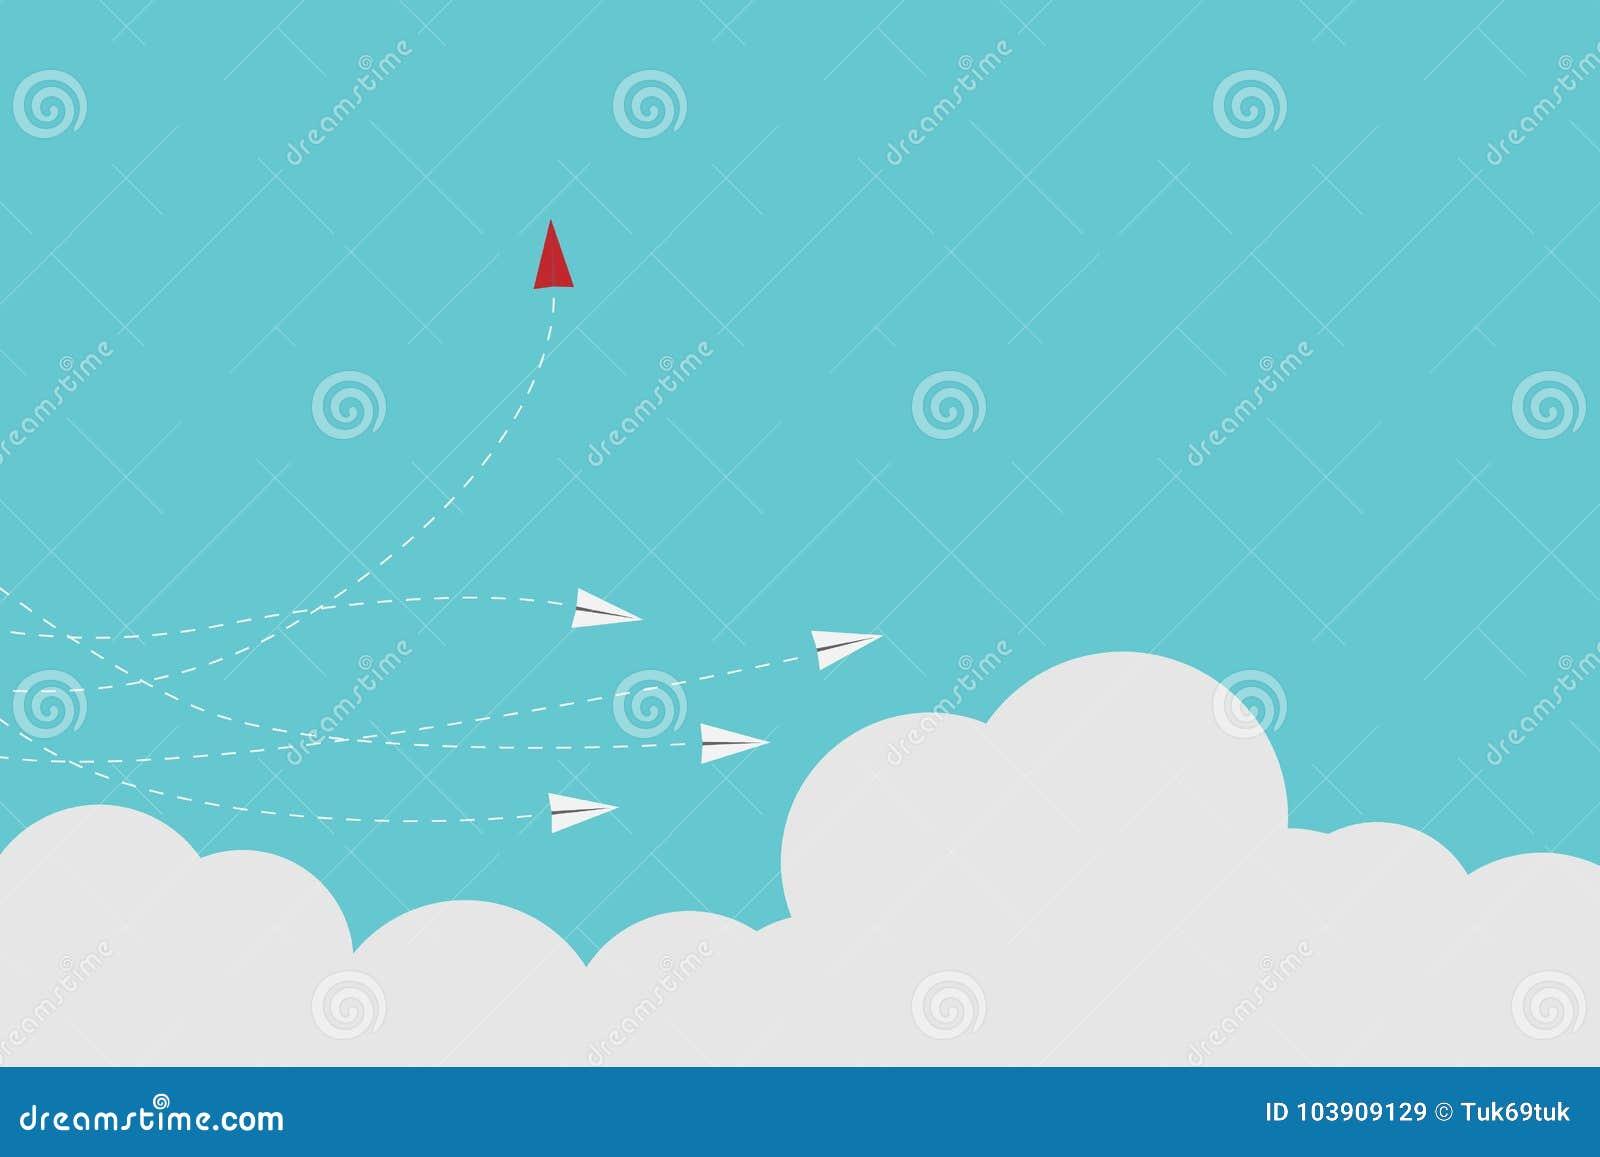 Ändernde Richtung und Weiß des roten Flugzeuges eine Neue Idee, Änderung, Tendenz, Mut, kreative Lösung, Innovation a